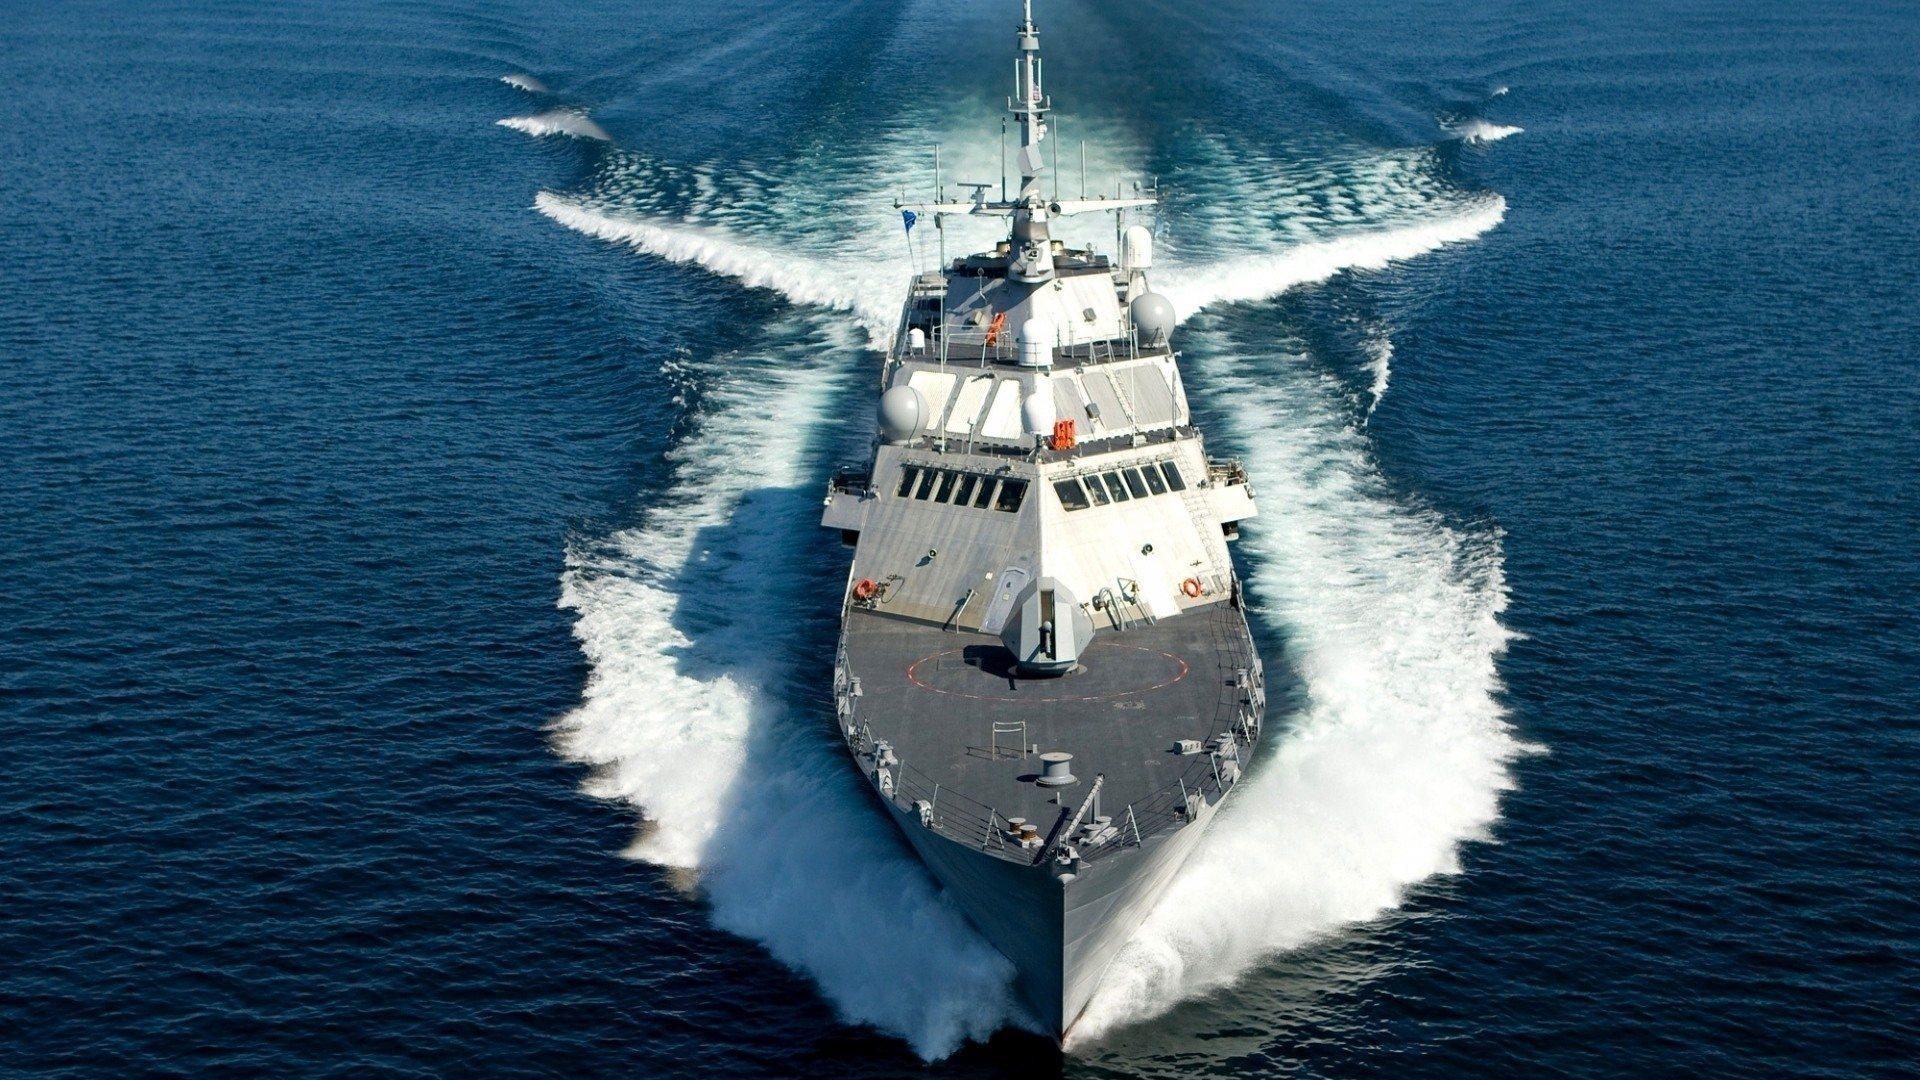 Wallpaper Ship Drowning Hd Creative Graphics 8497: Navy Seals Logo Wallpaper (60+ Images